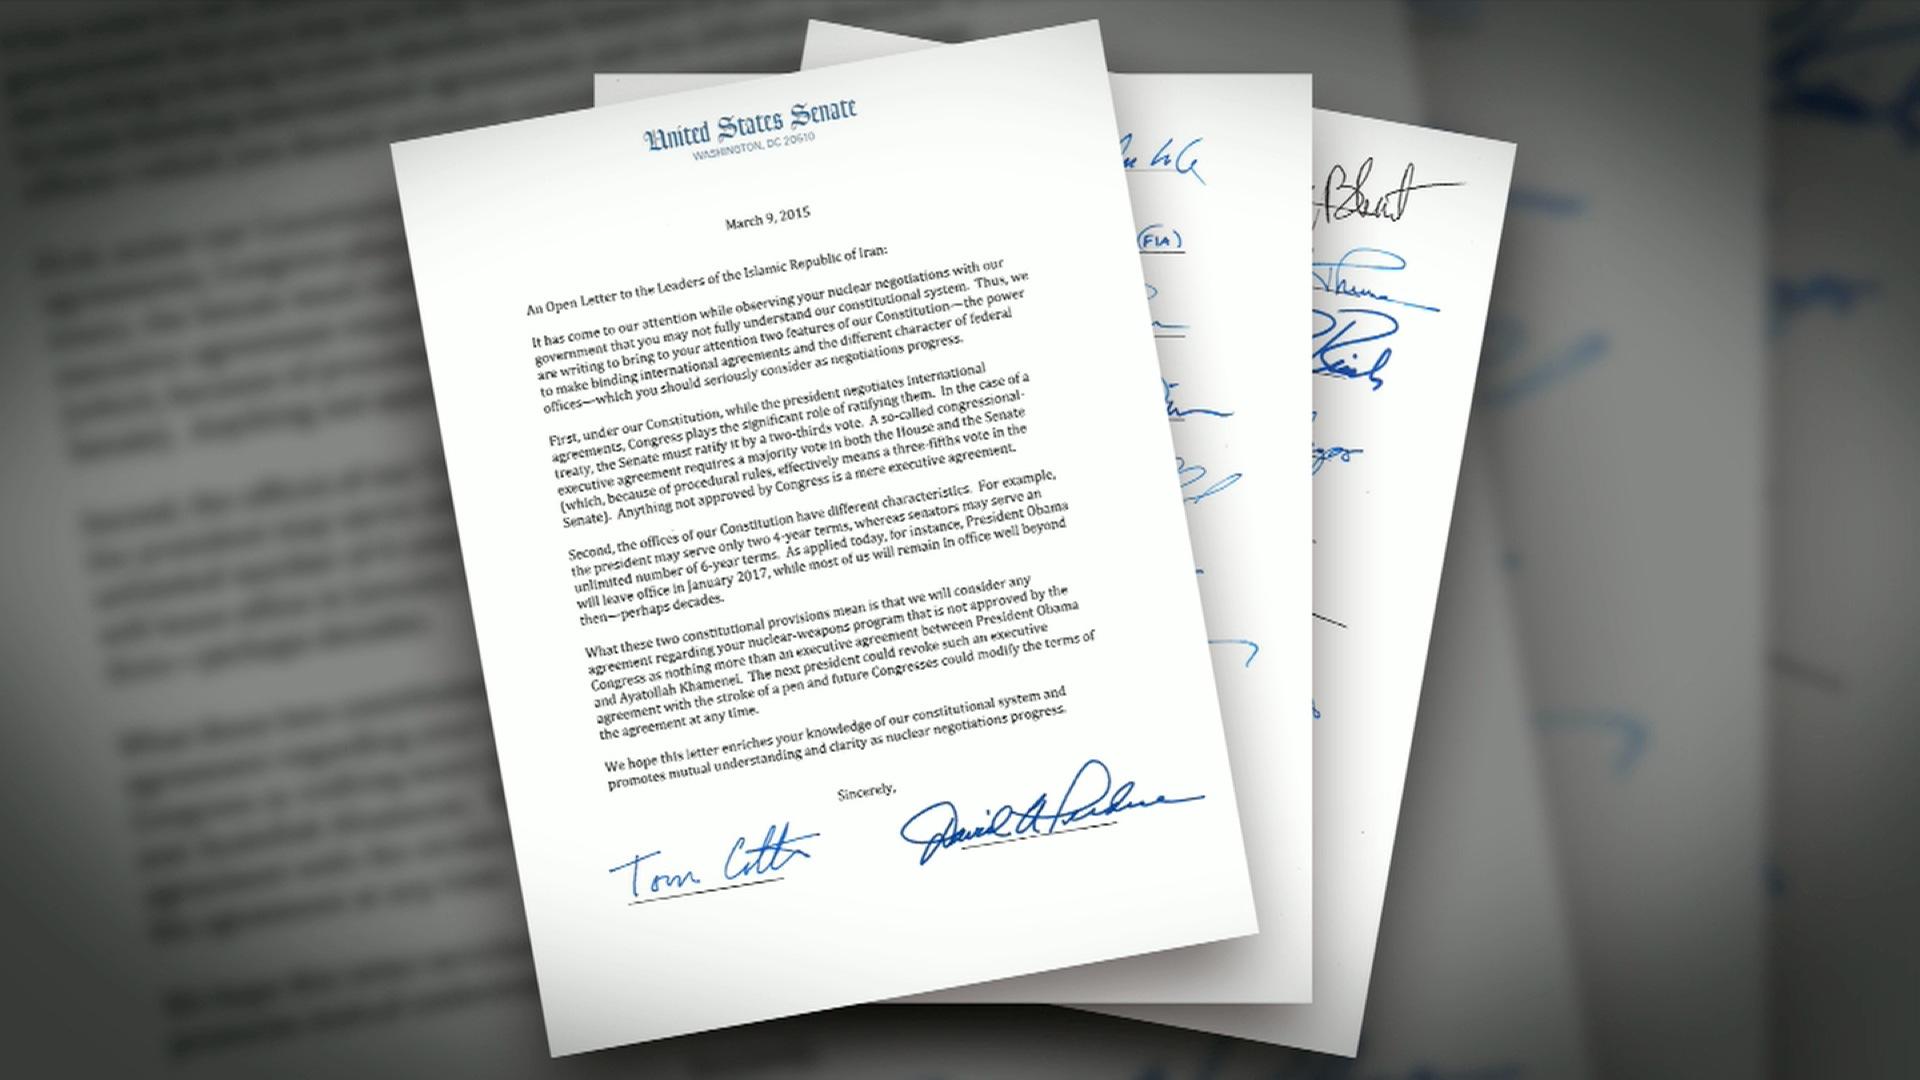 Sen Corker Gop Iran Letter Hinders Congress Role Cnn Video